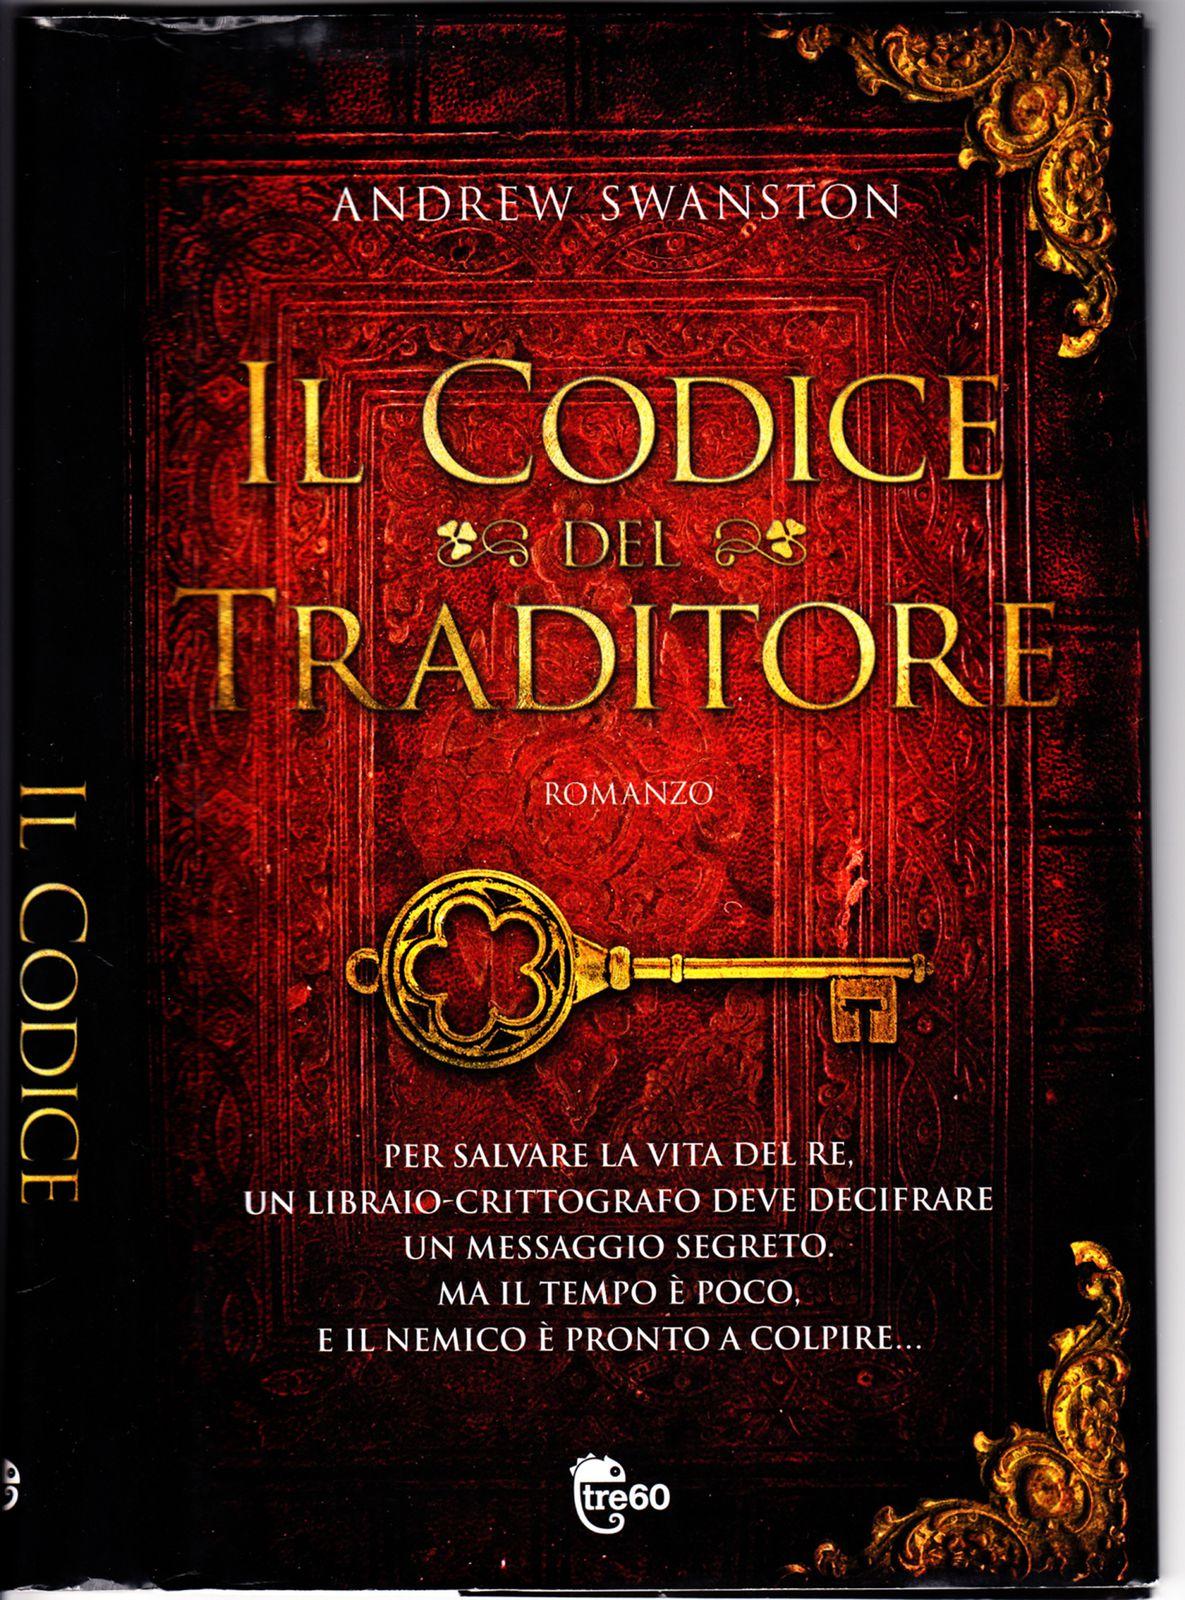 IL CODICE DEL TRADITORE ( ANDREW SWANSTON )